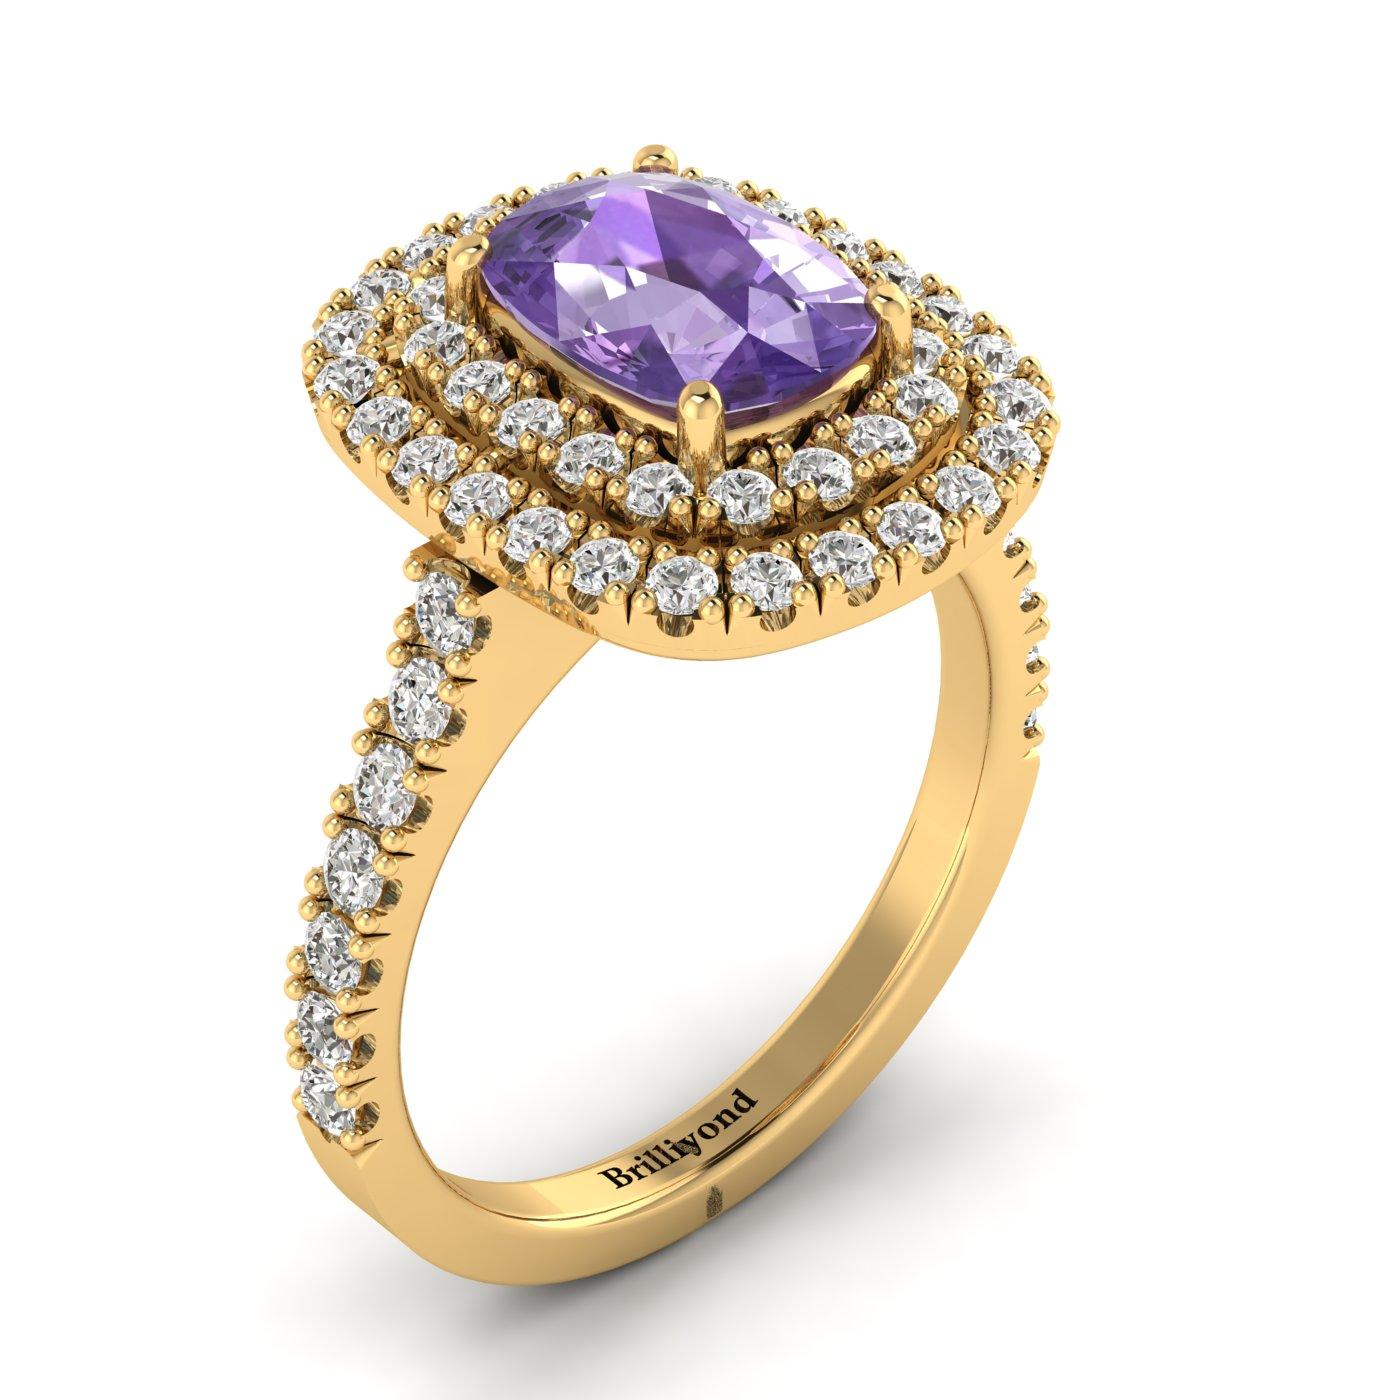 Halo Engagement Ring Corona_image1